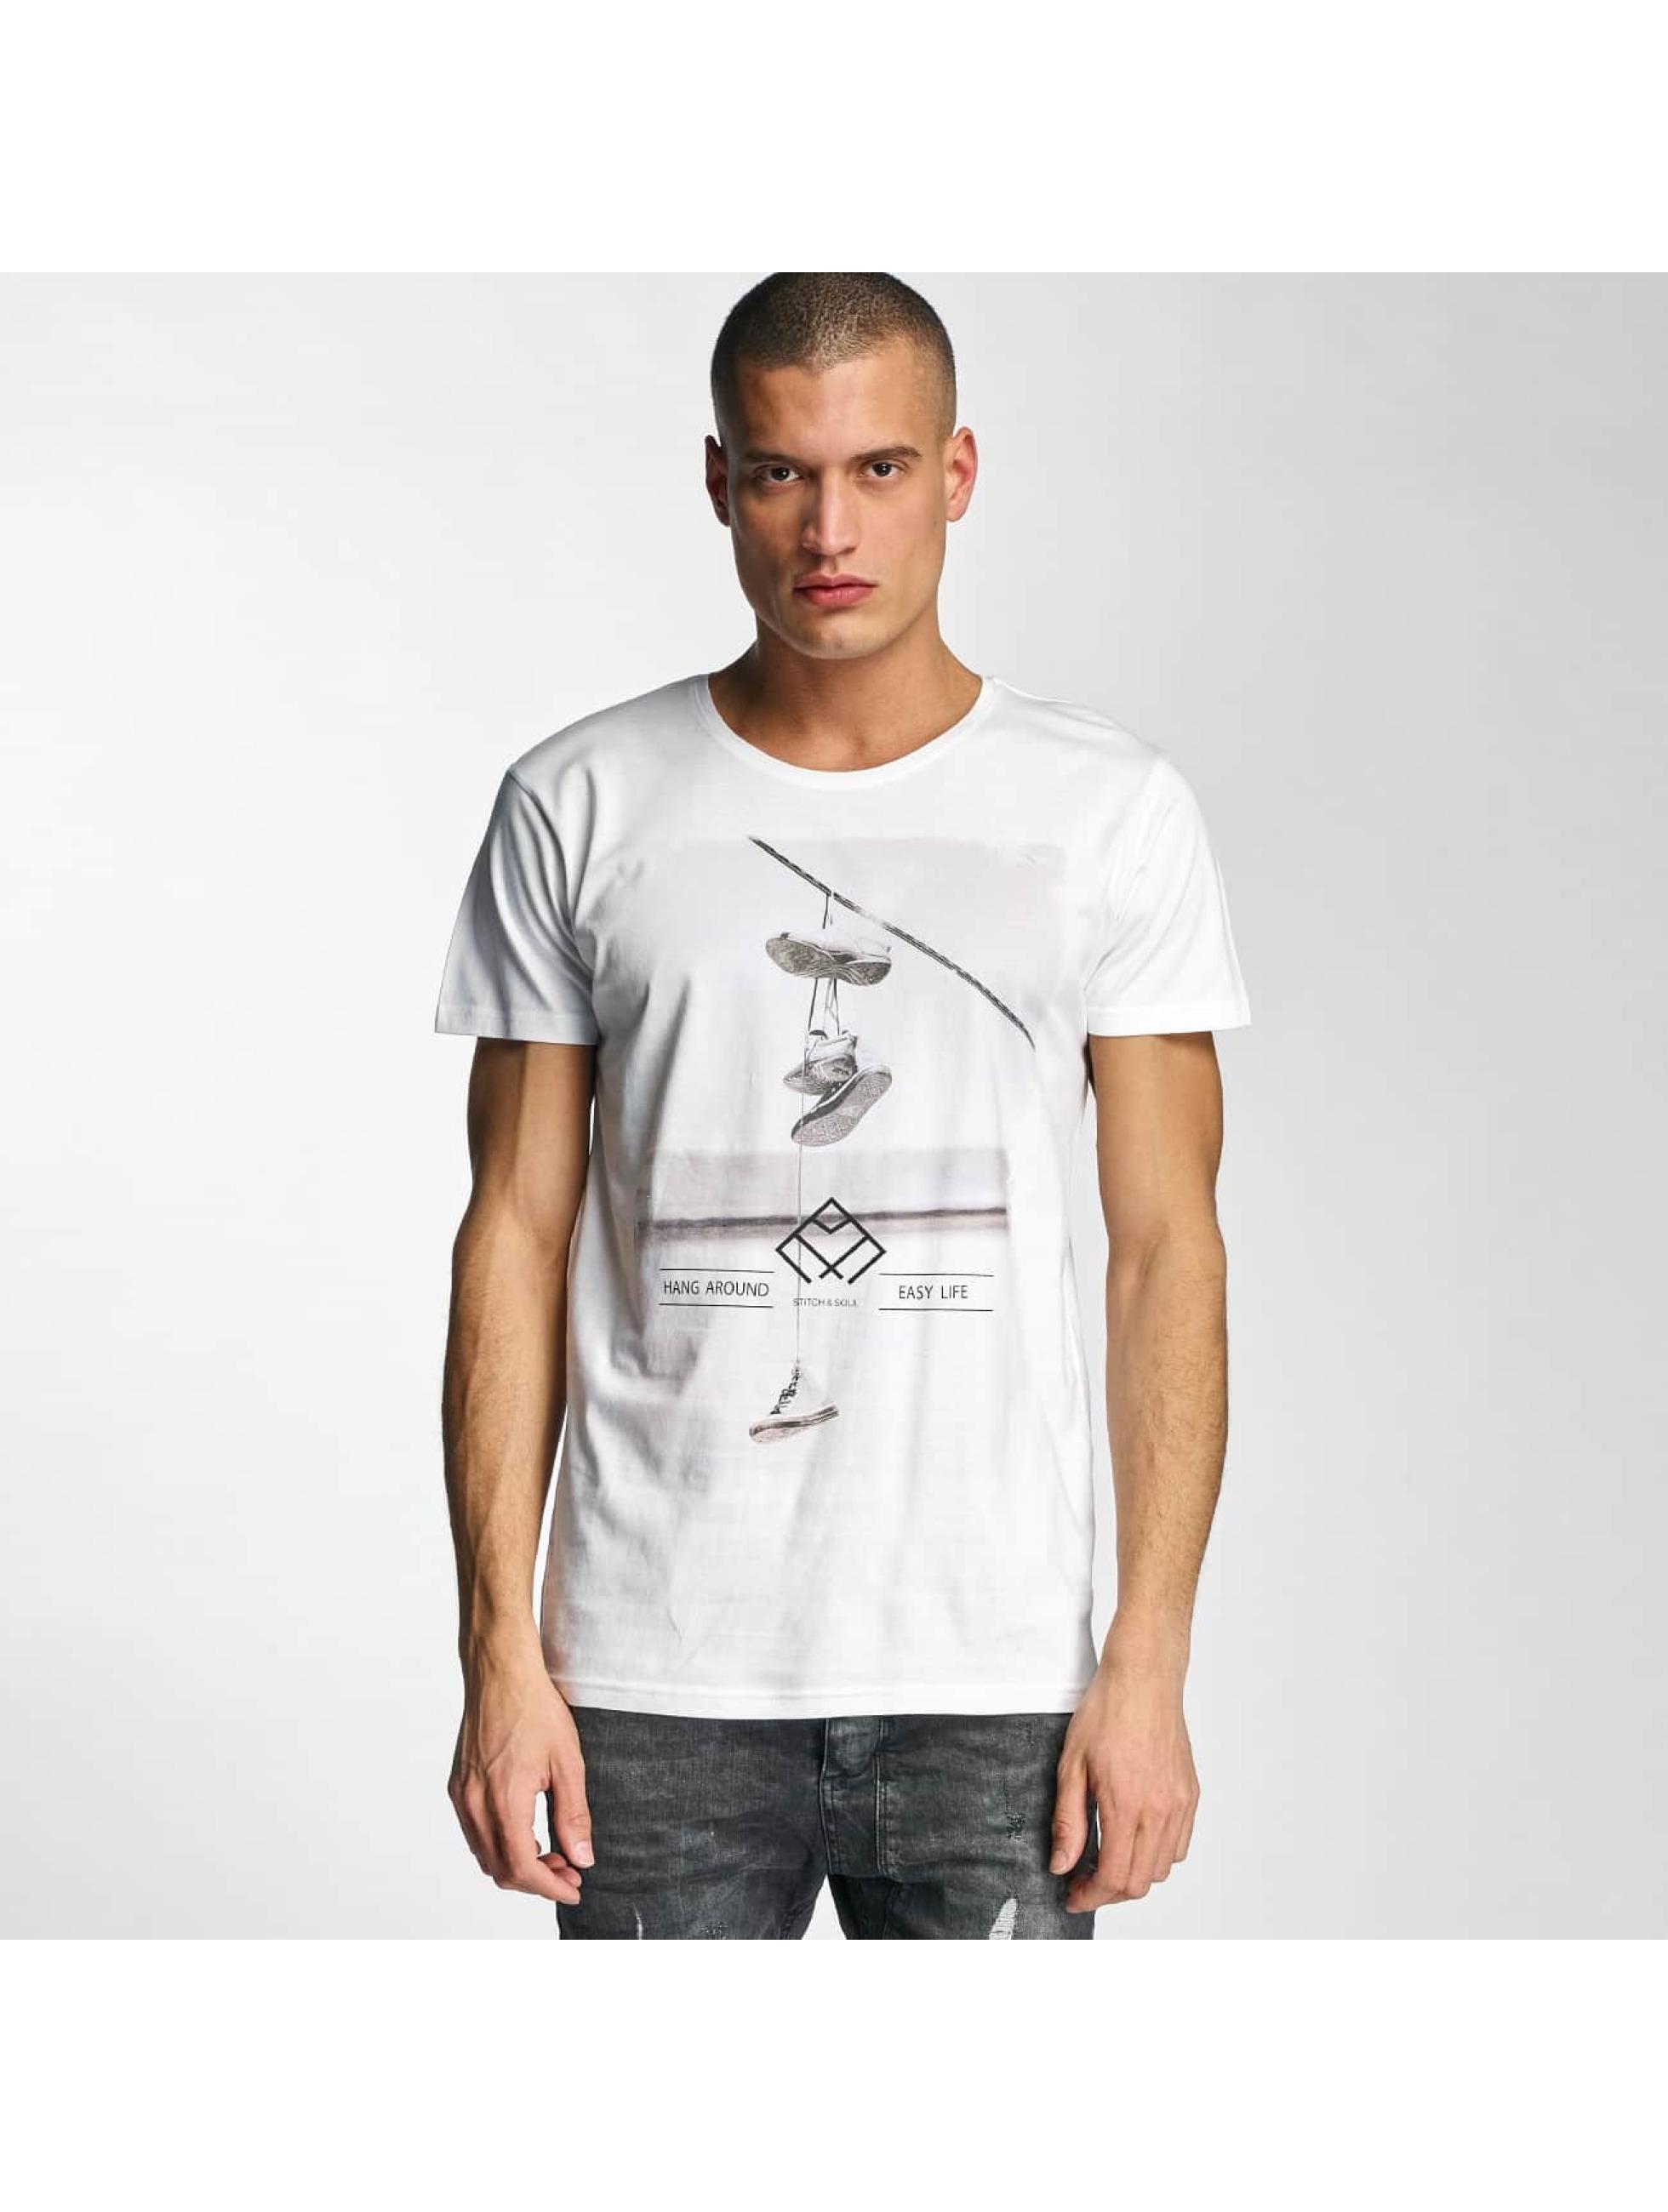 Stitch & Soul Männer T-Shirt Hang Aroun in weiß